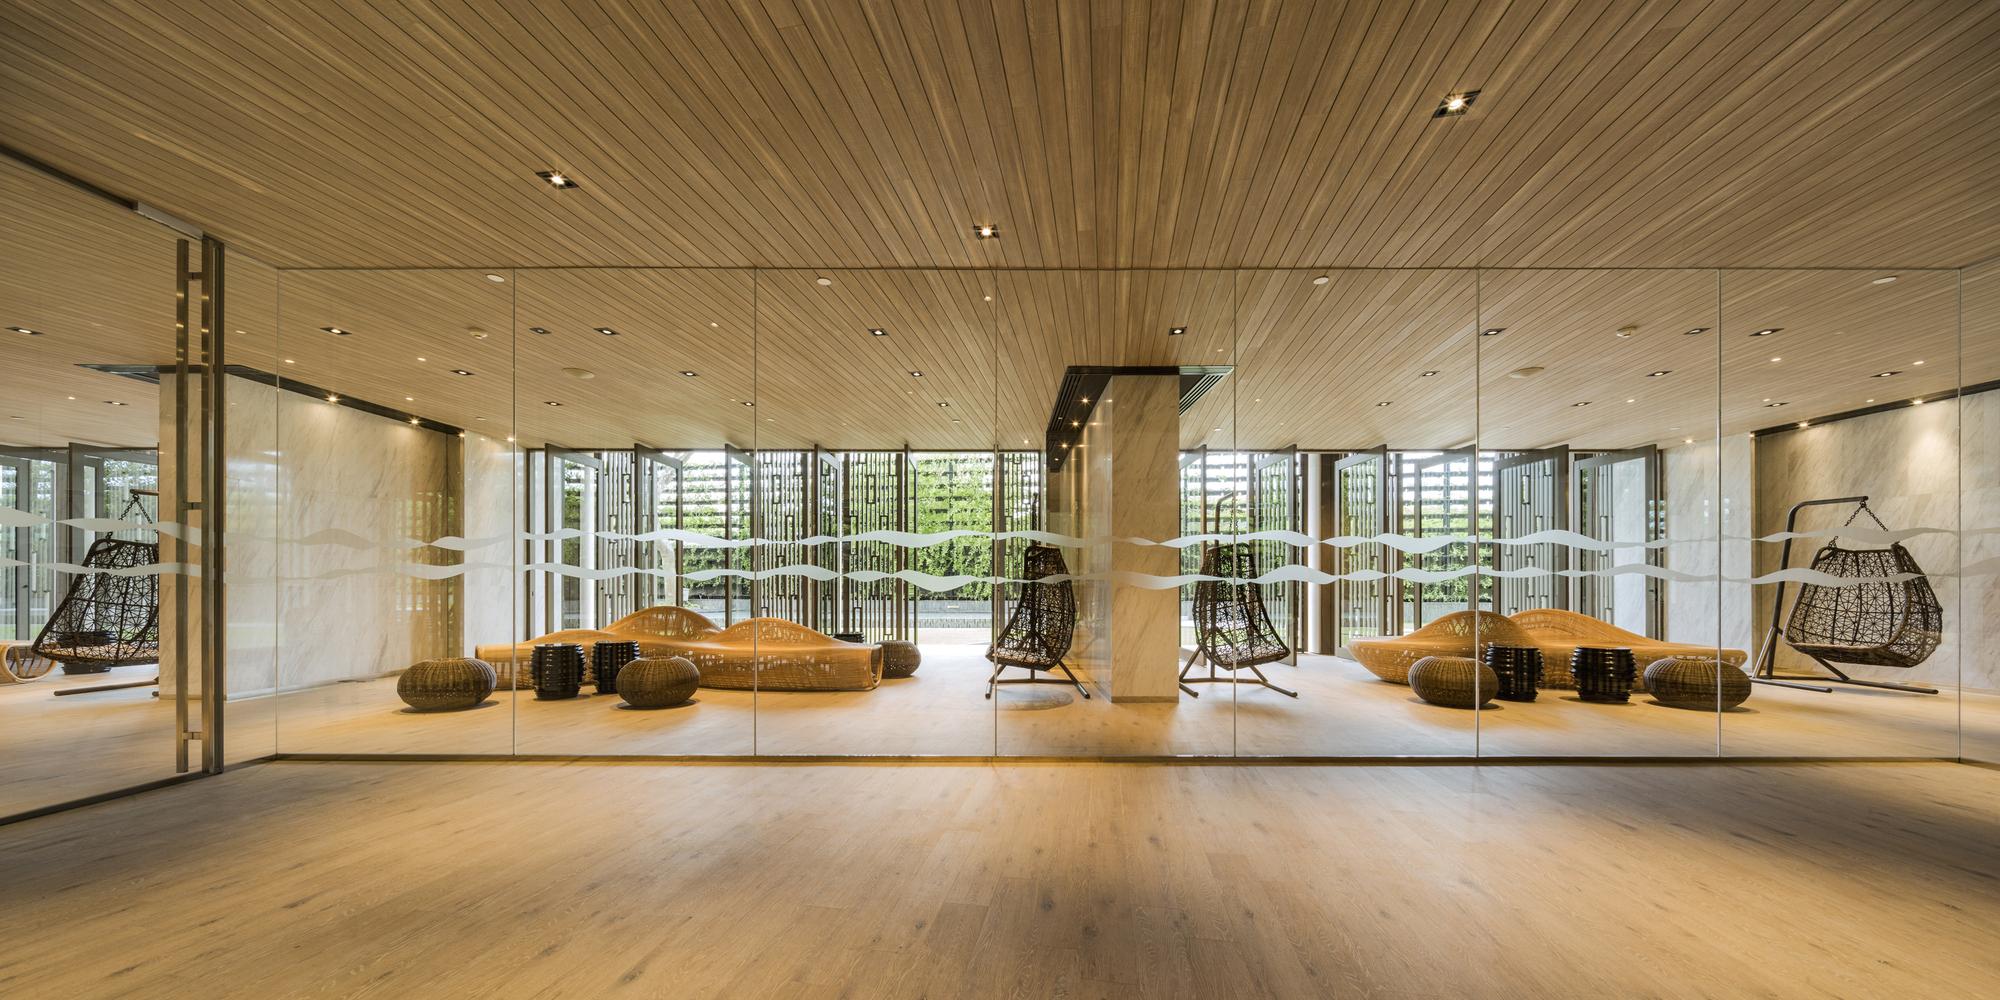 Steven Leach Interior Design